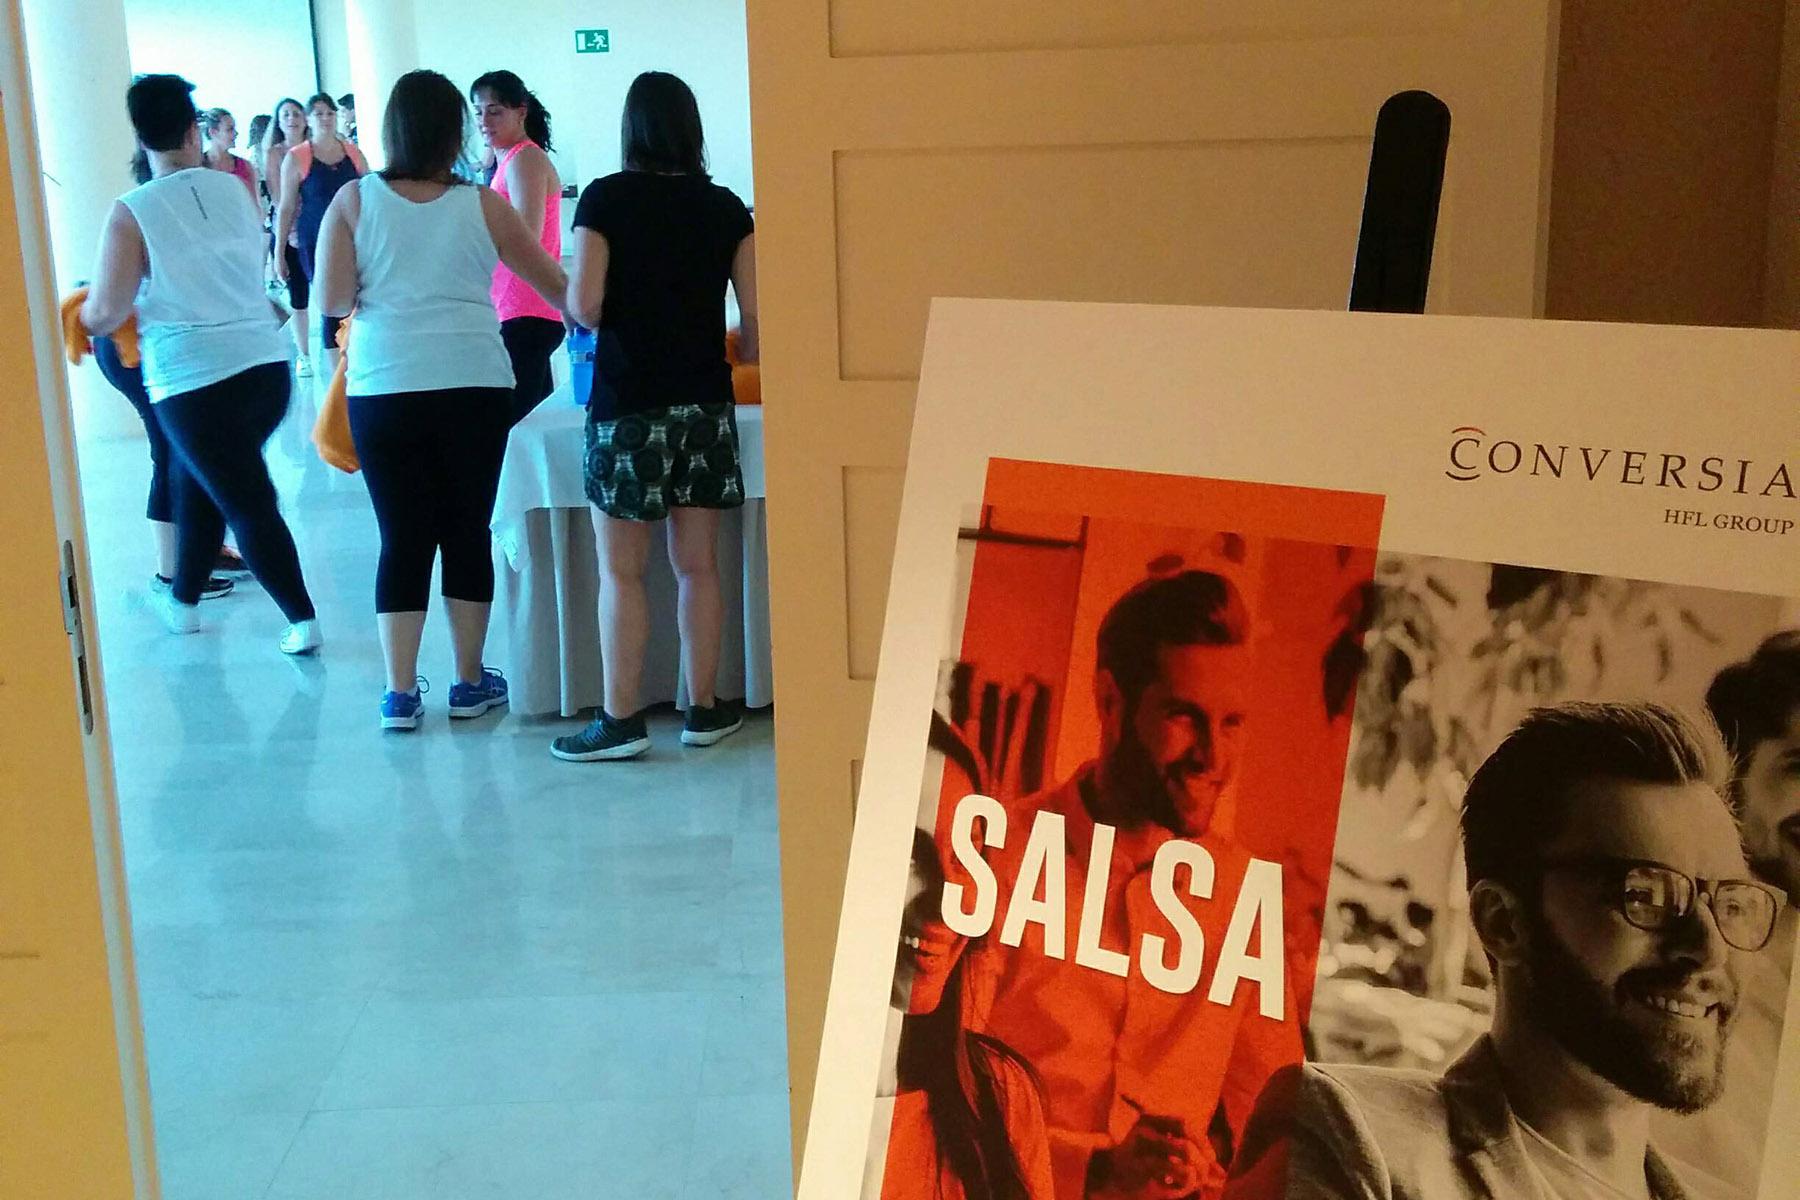 Conversia Check Point Julio 2019 Salsa